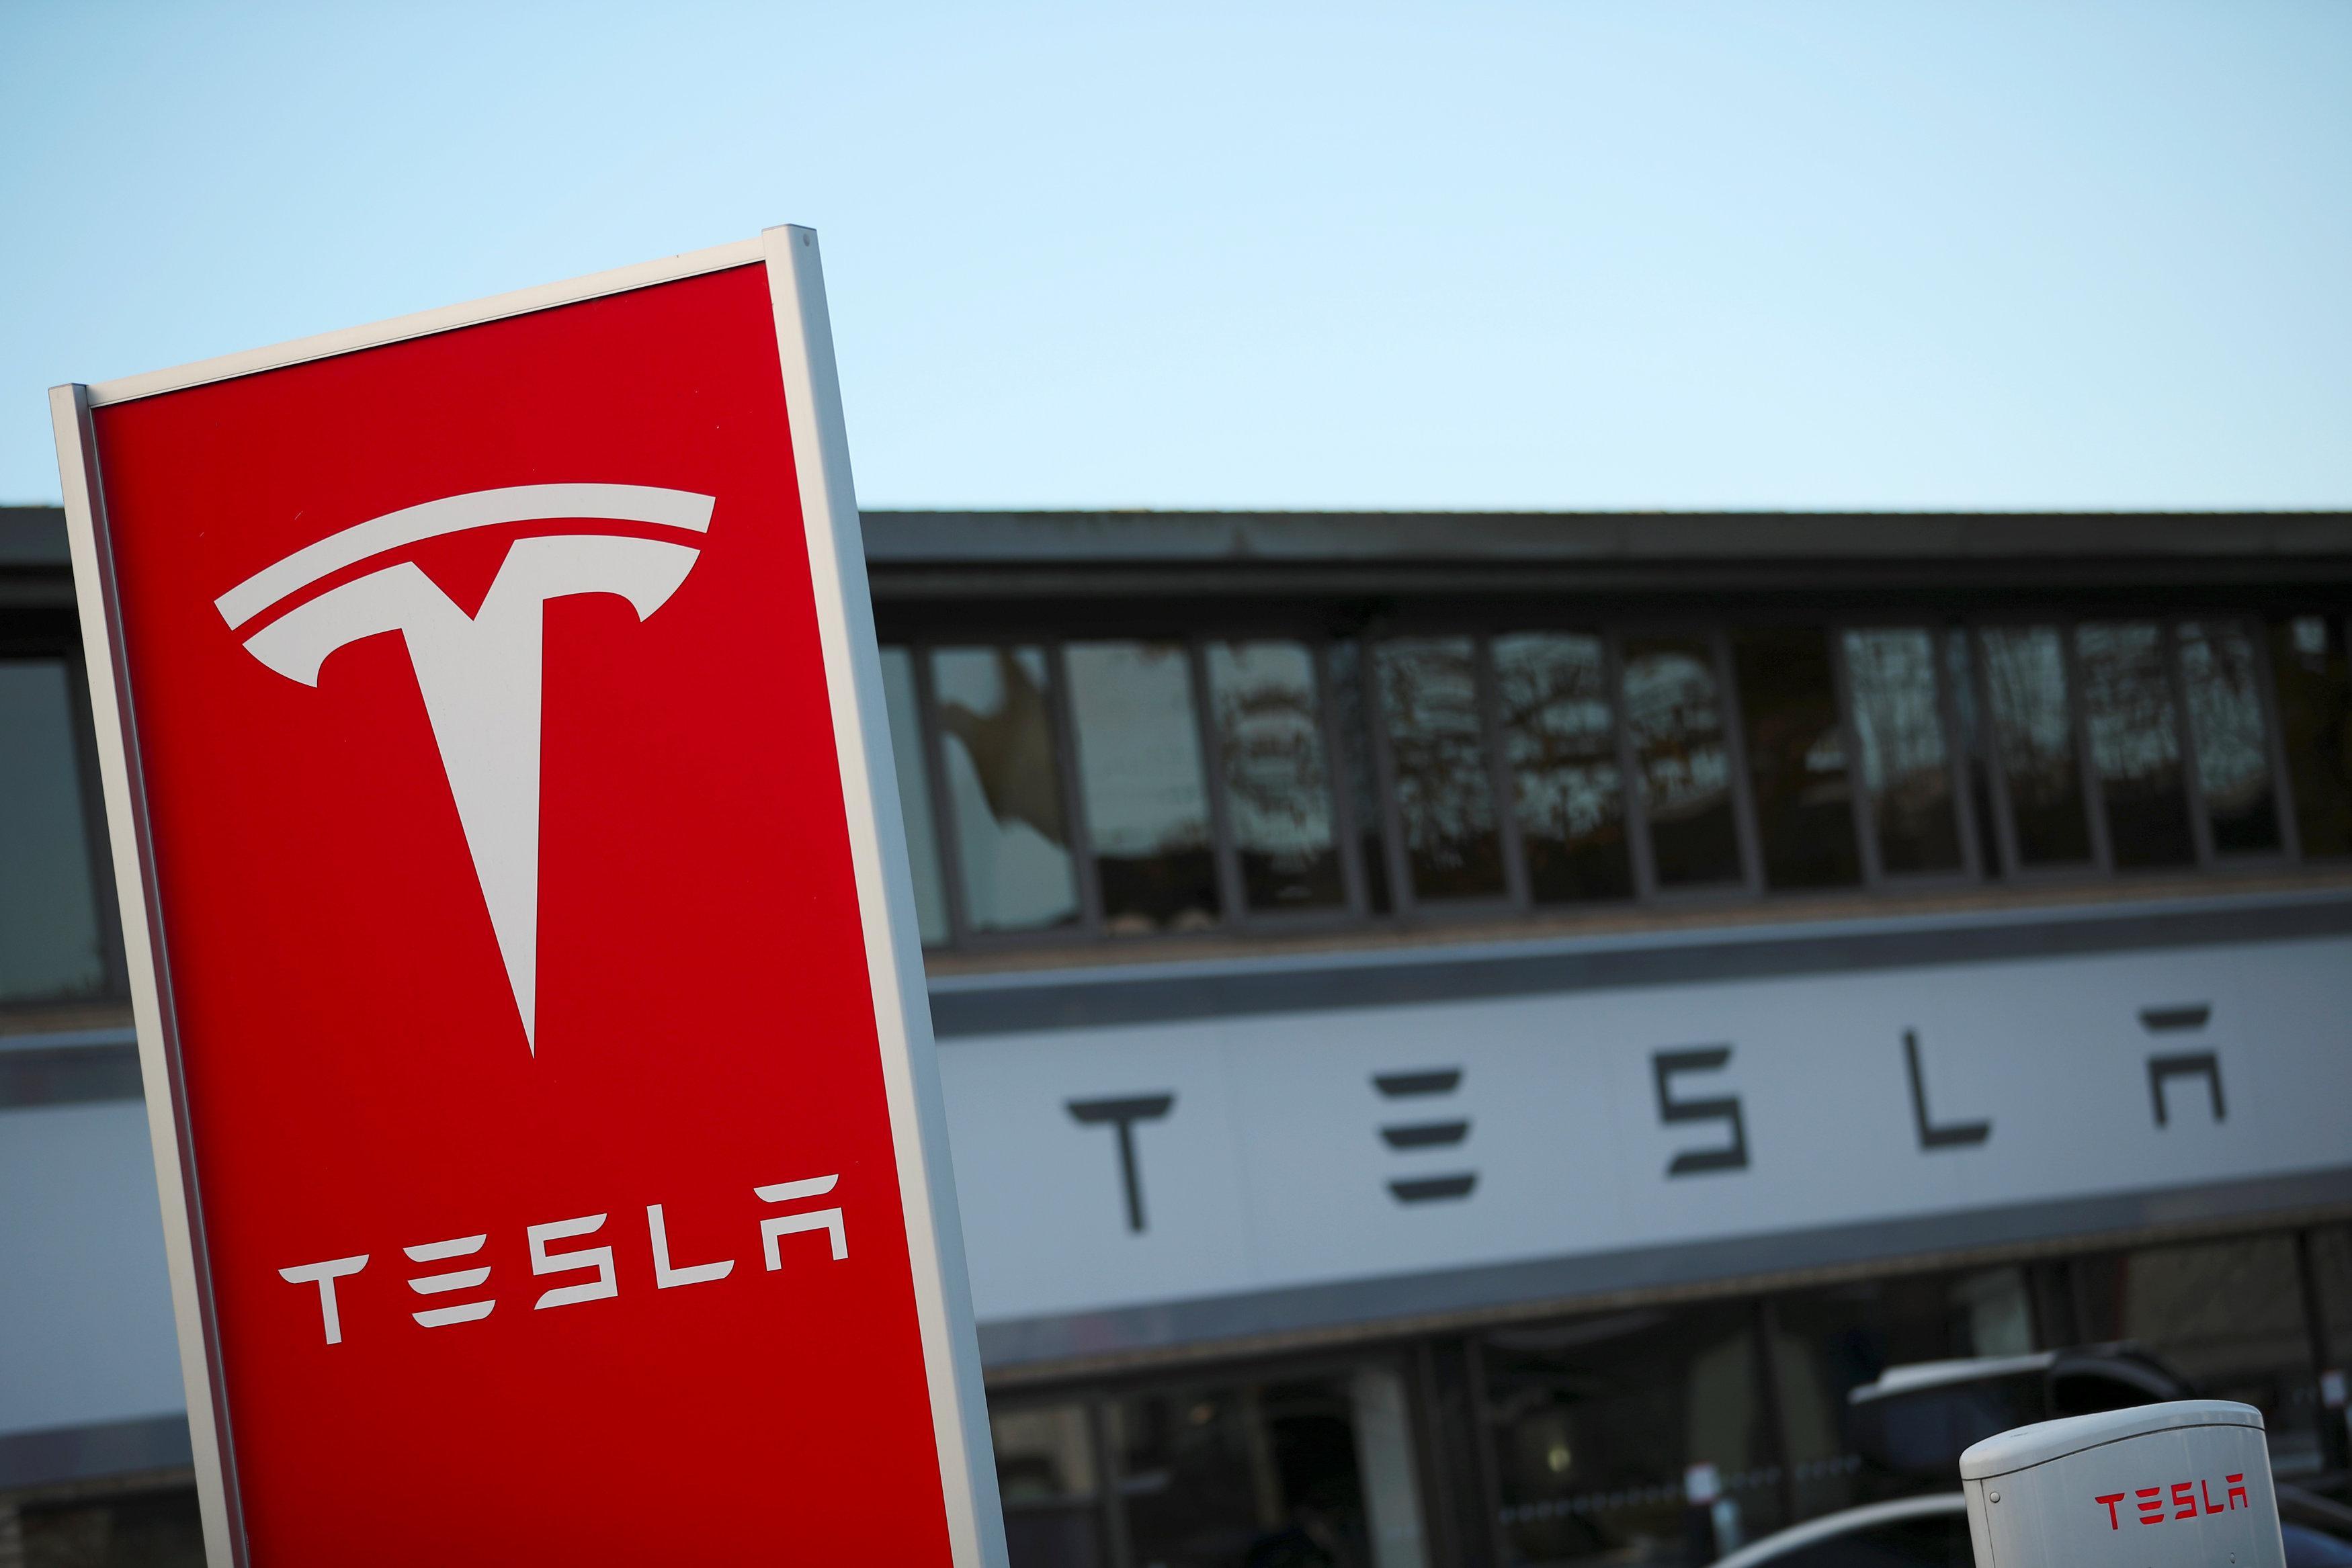 Tesla errichtet Forschungszentrum in Griechenland